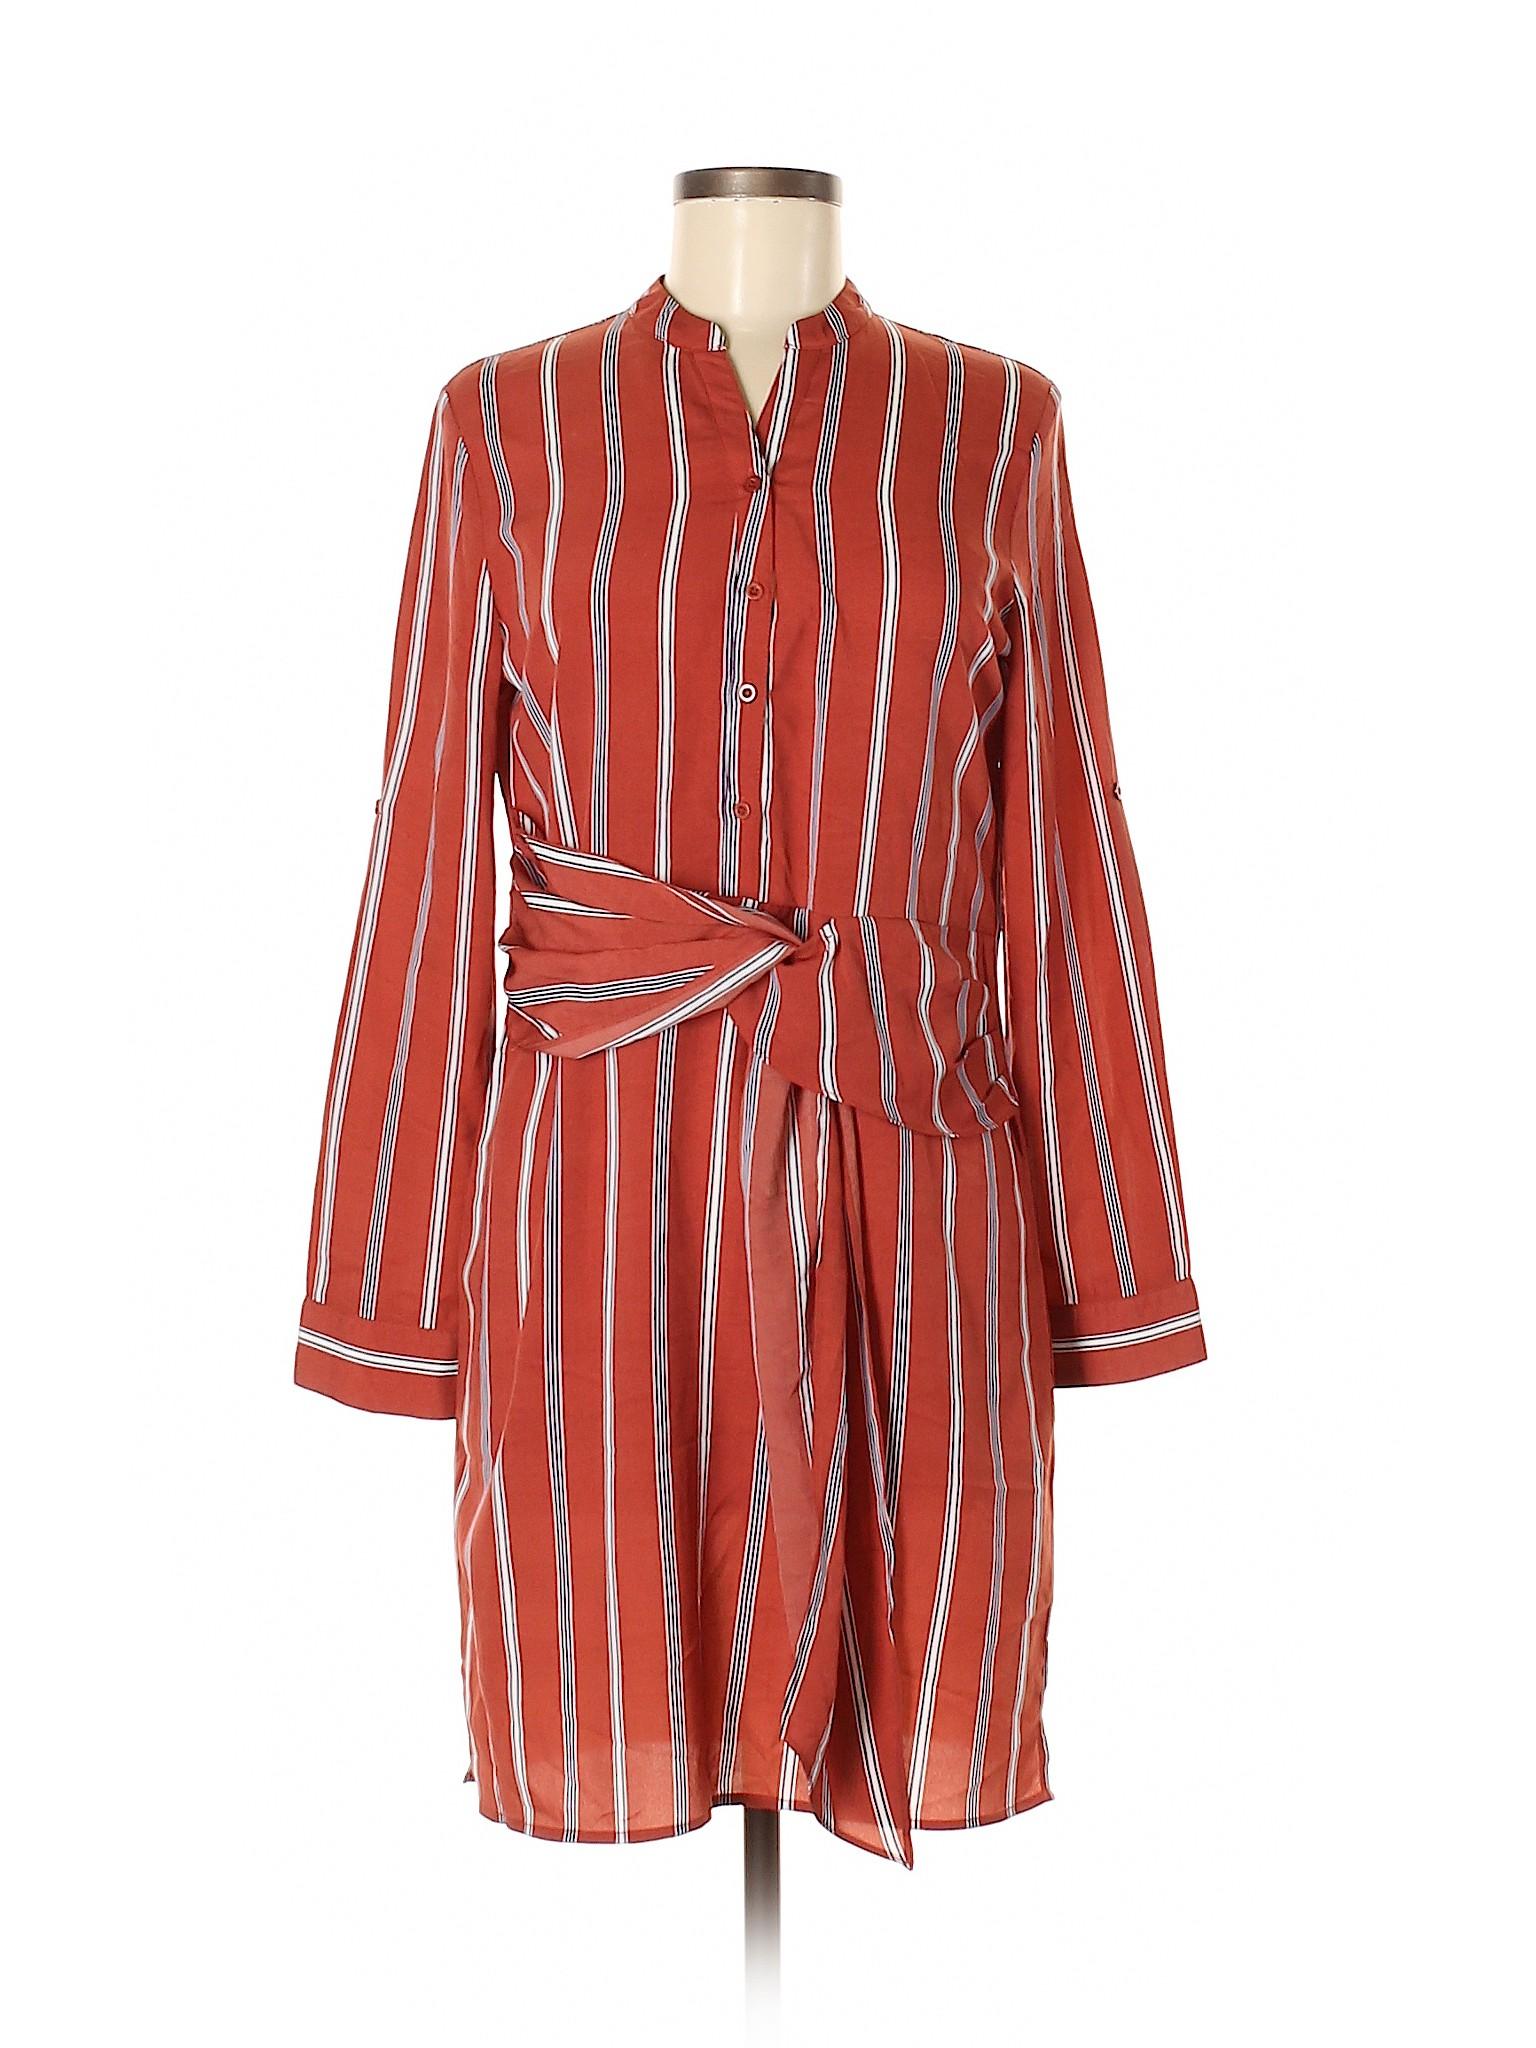 8c9ce24838d Gianni Bini Women Red Casual Dress Sm